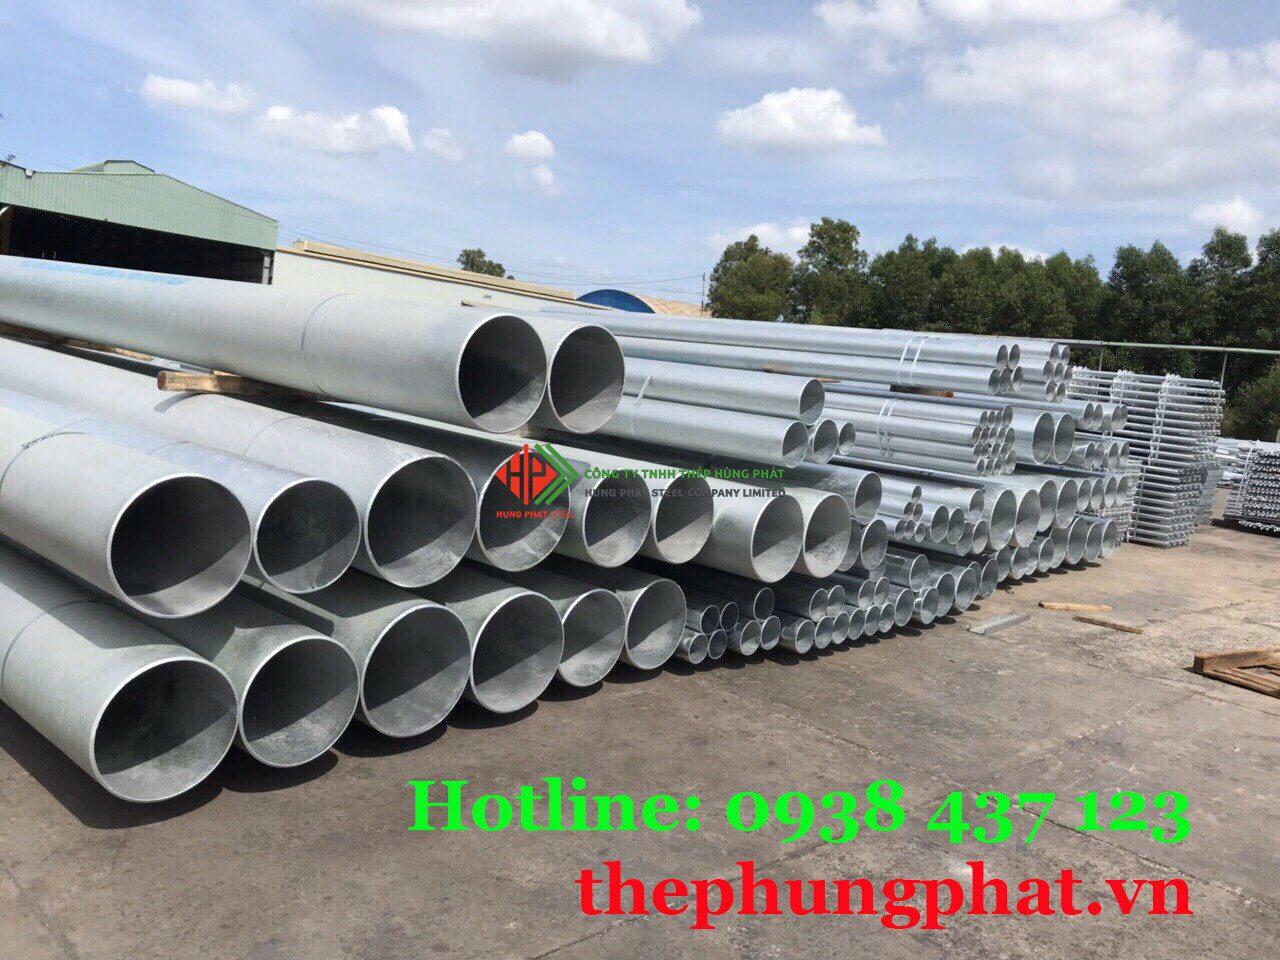 Báo giá thép ống mạ kẽm tại Vĩnh Long